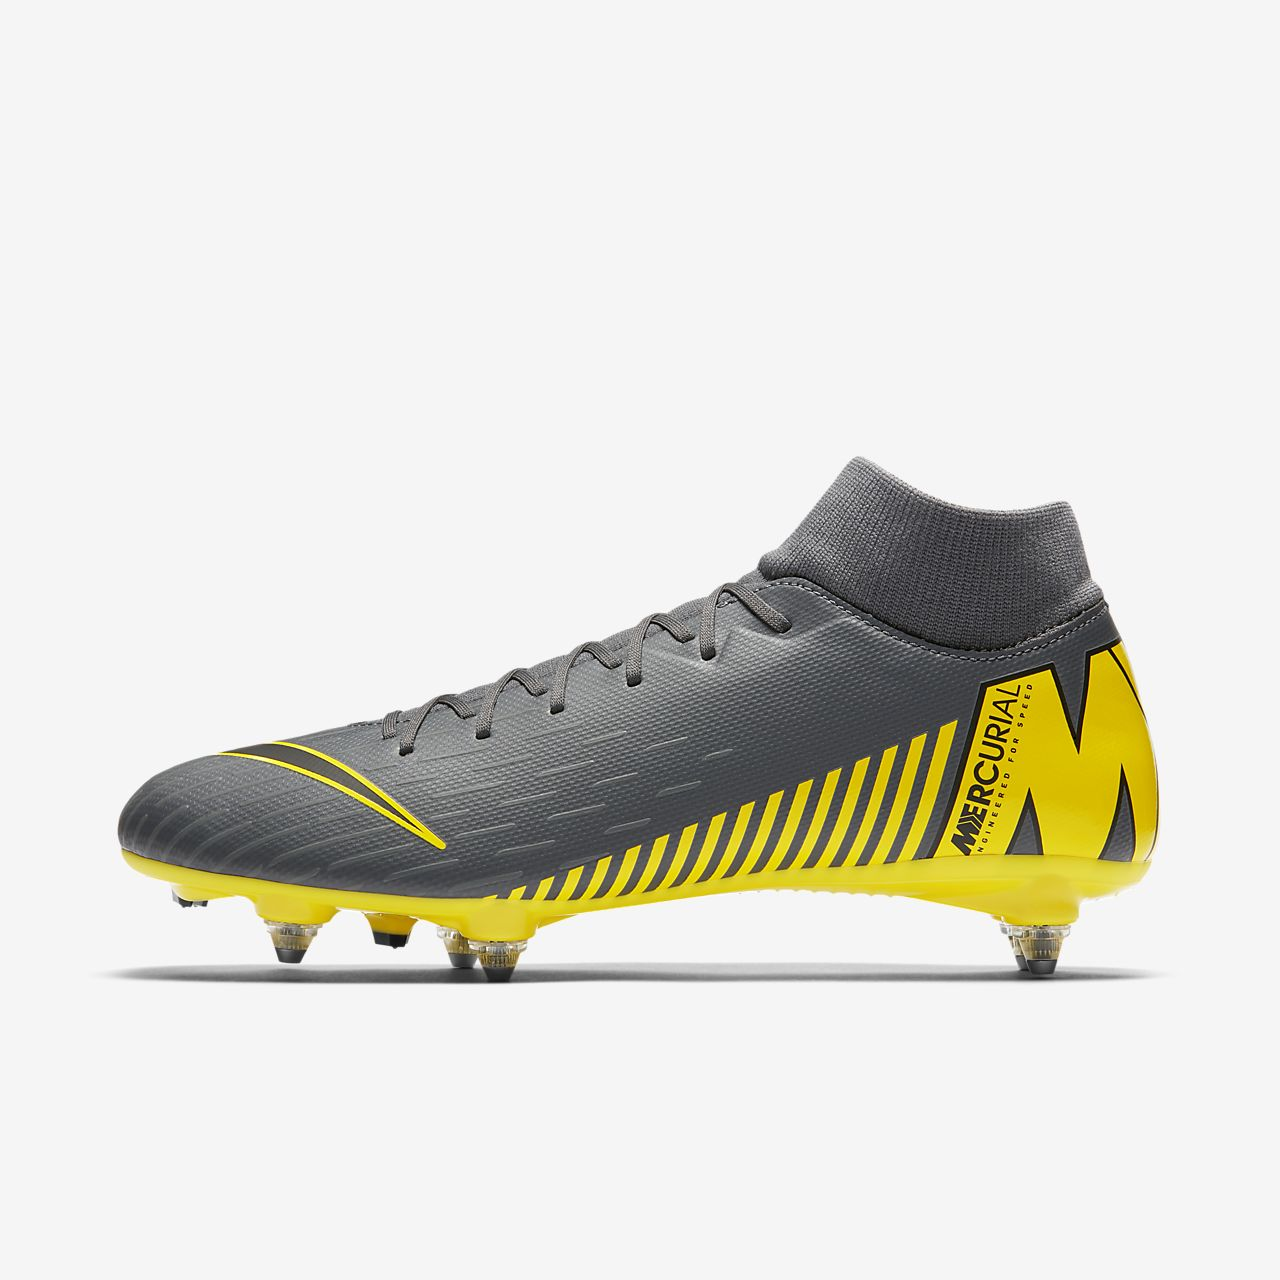 15c31ba631f20 ... Nike Mercurial Superfly VI Academy SG-PRO Botas de fútbol para terreno  blando